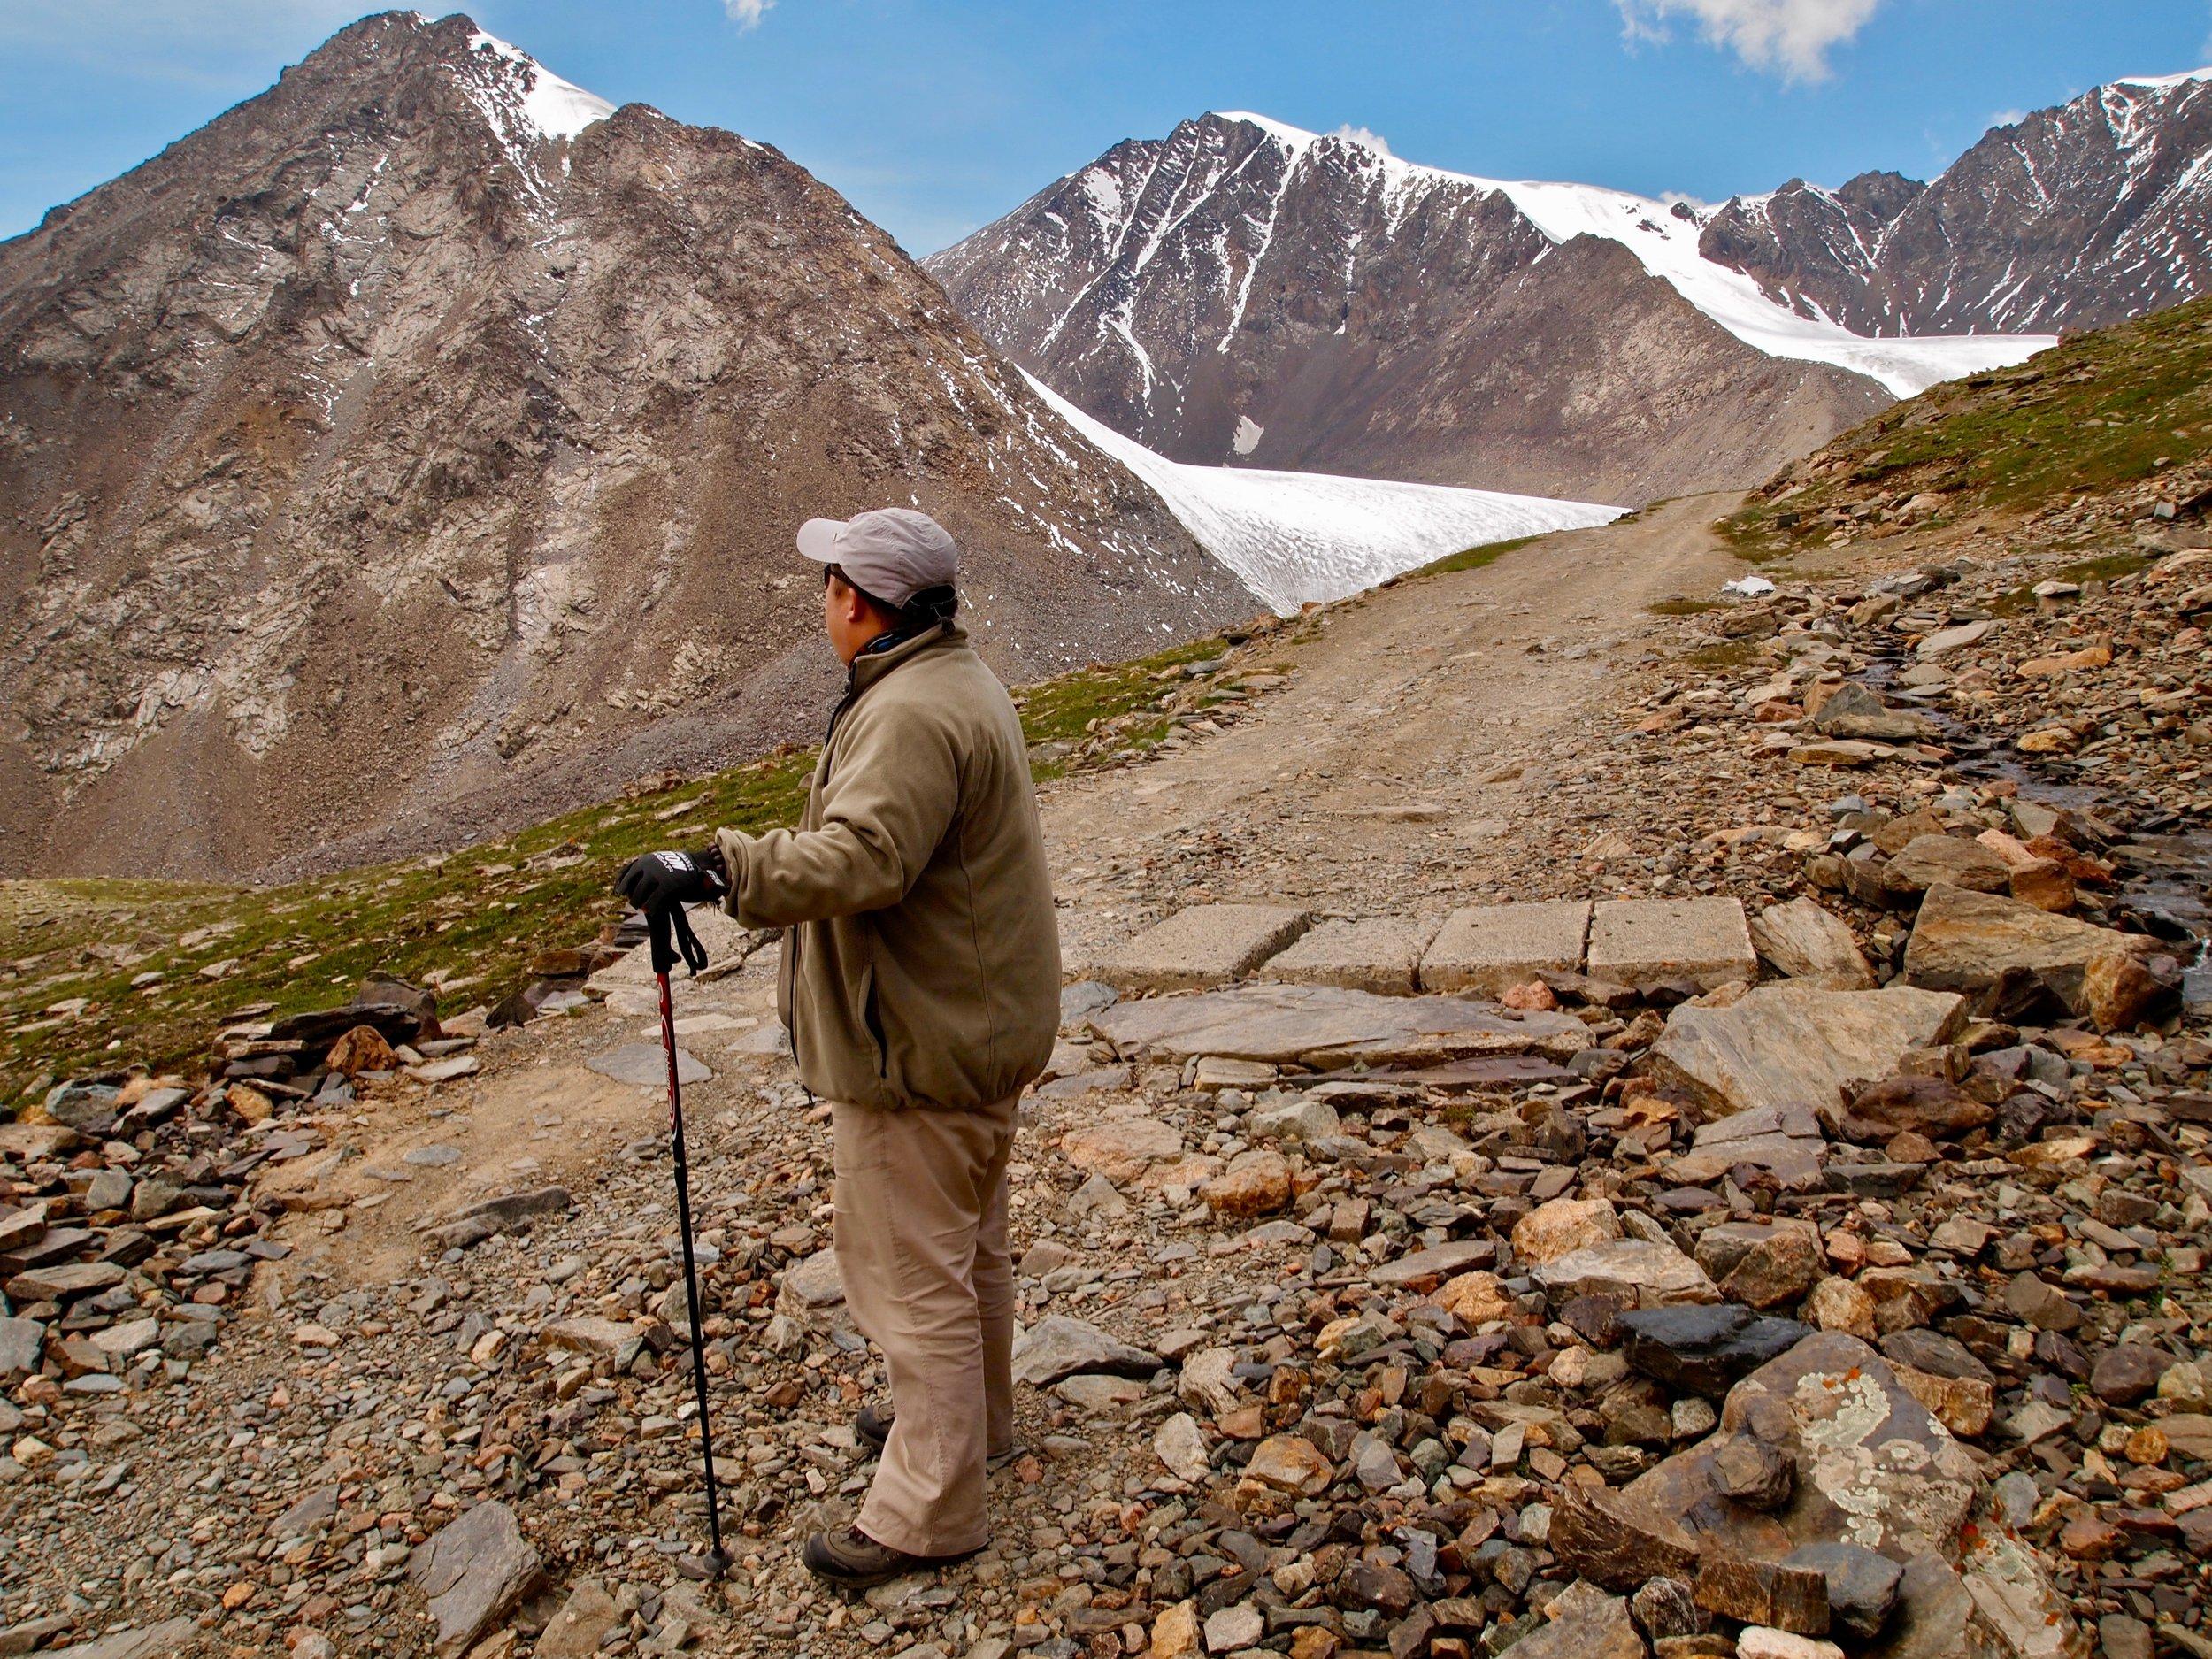 Mountain guide Huang Bo near the Tianshan Number 1 Glacier in Xinjiang, China. Photo: (C) Remko Tanis